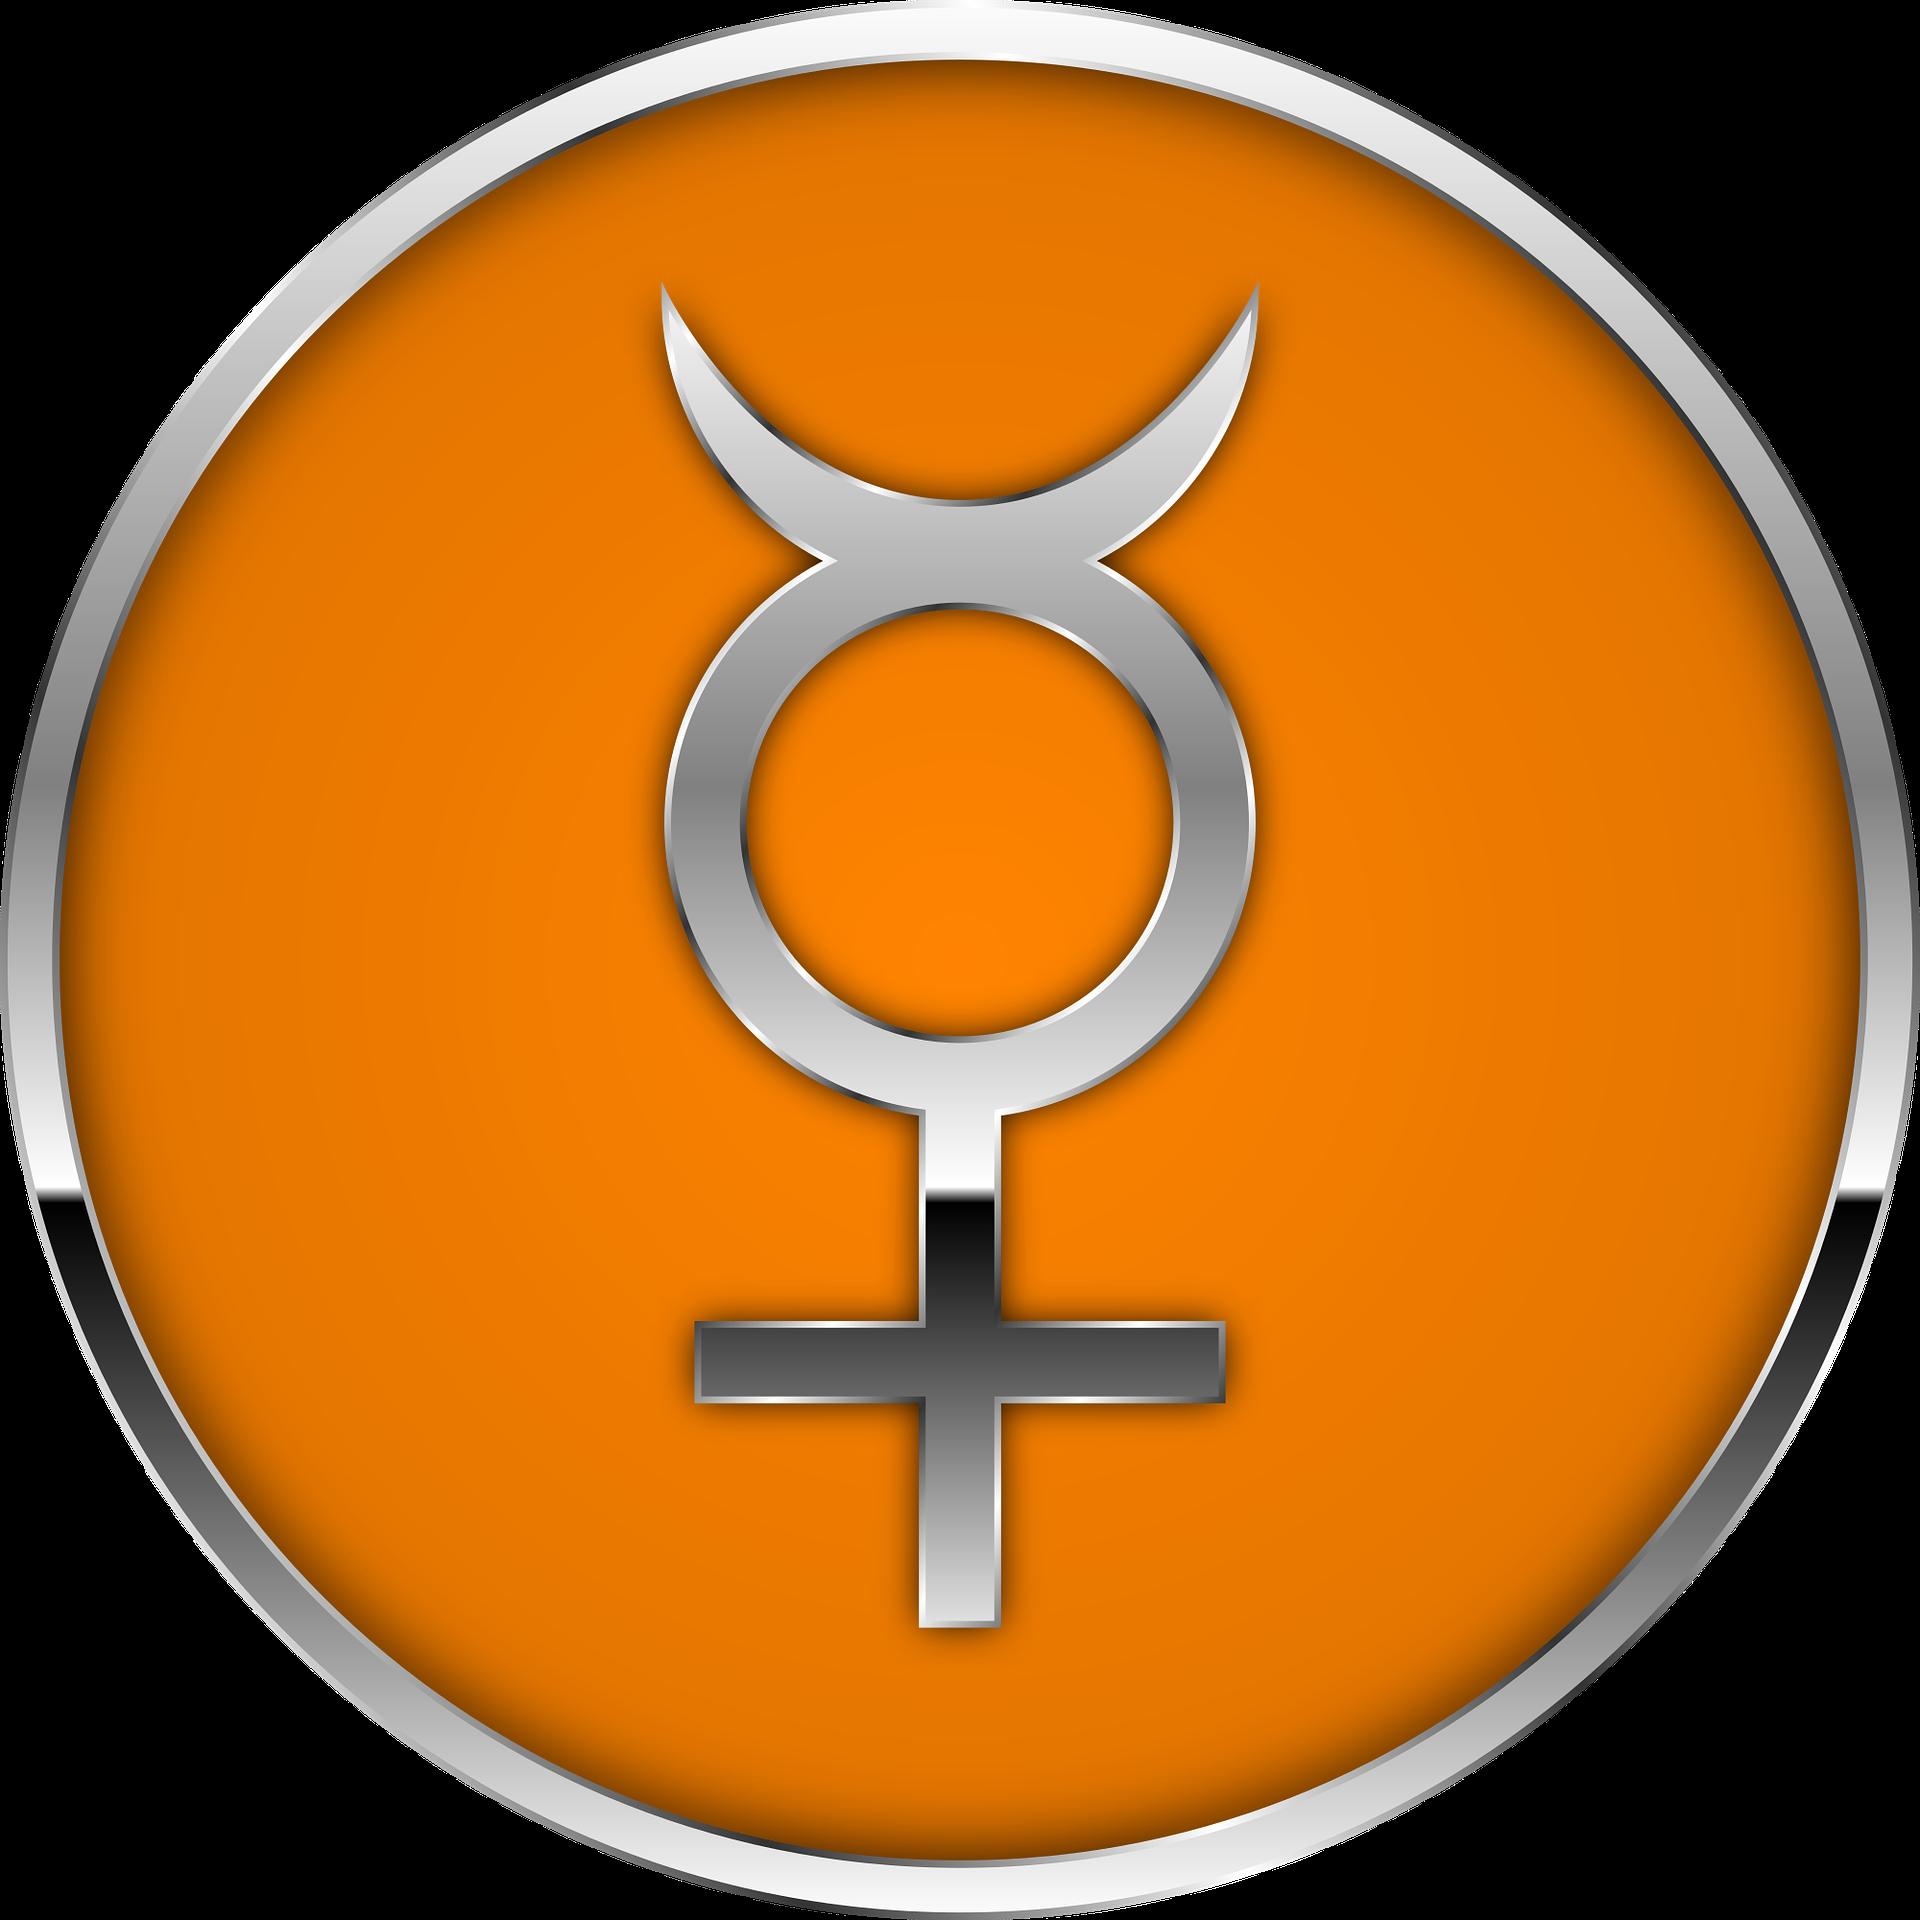 Simbolo di Mercurio